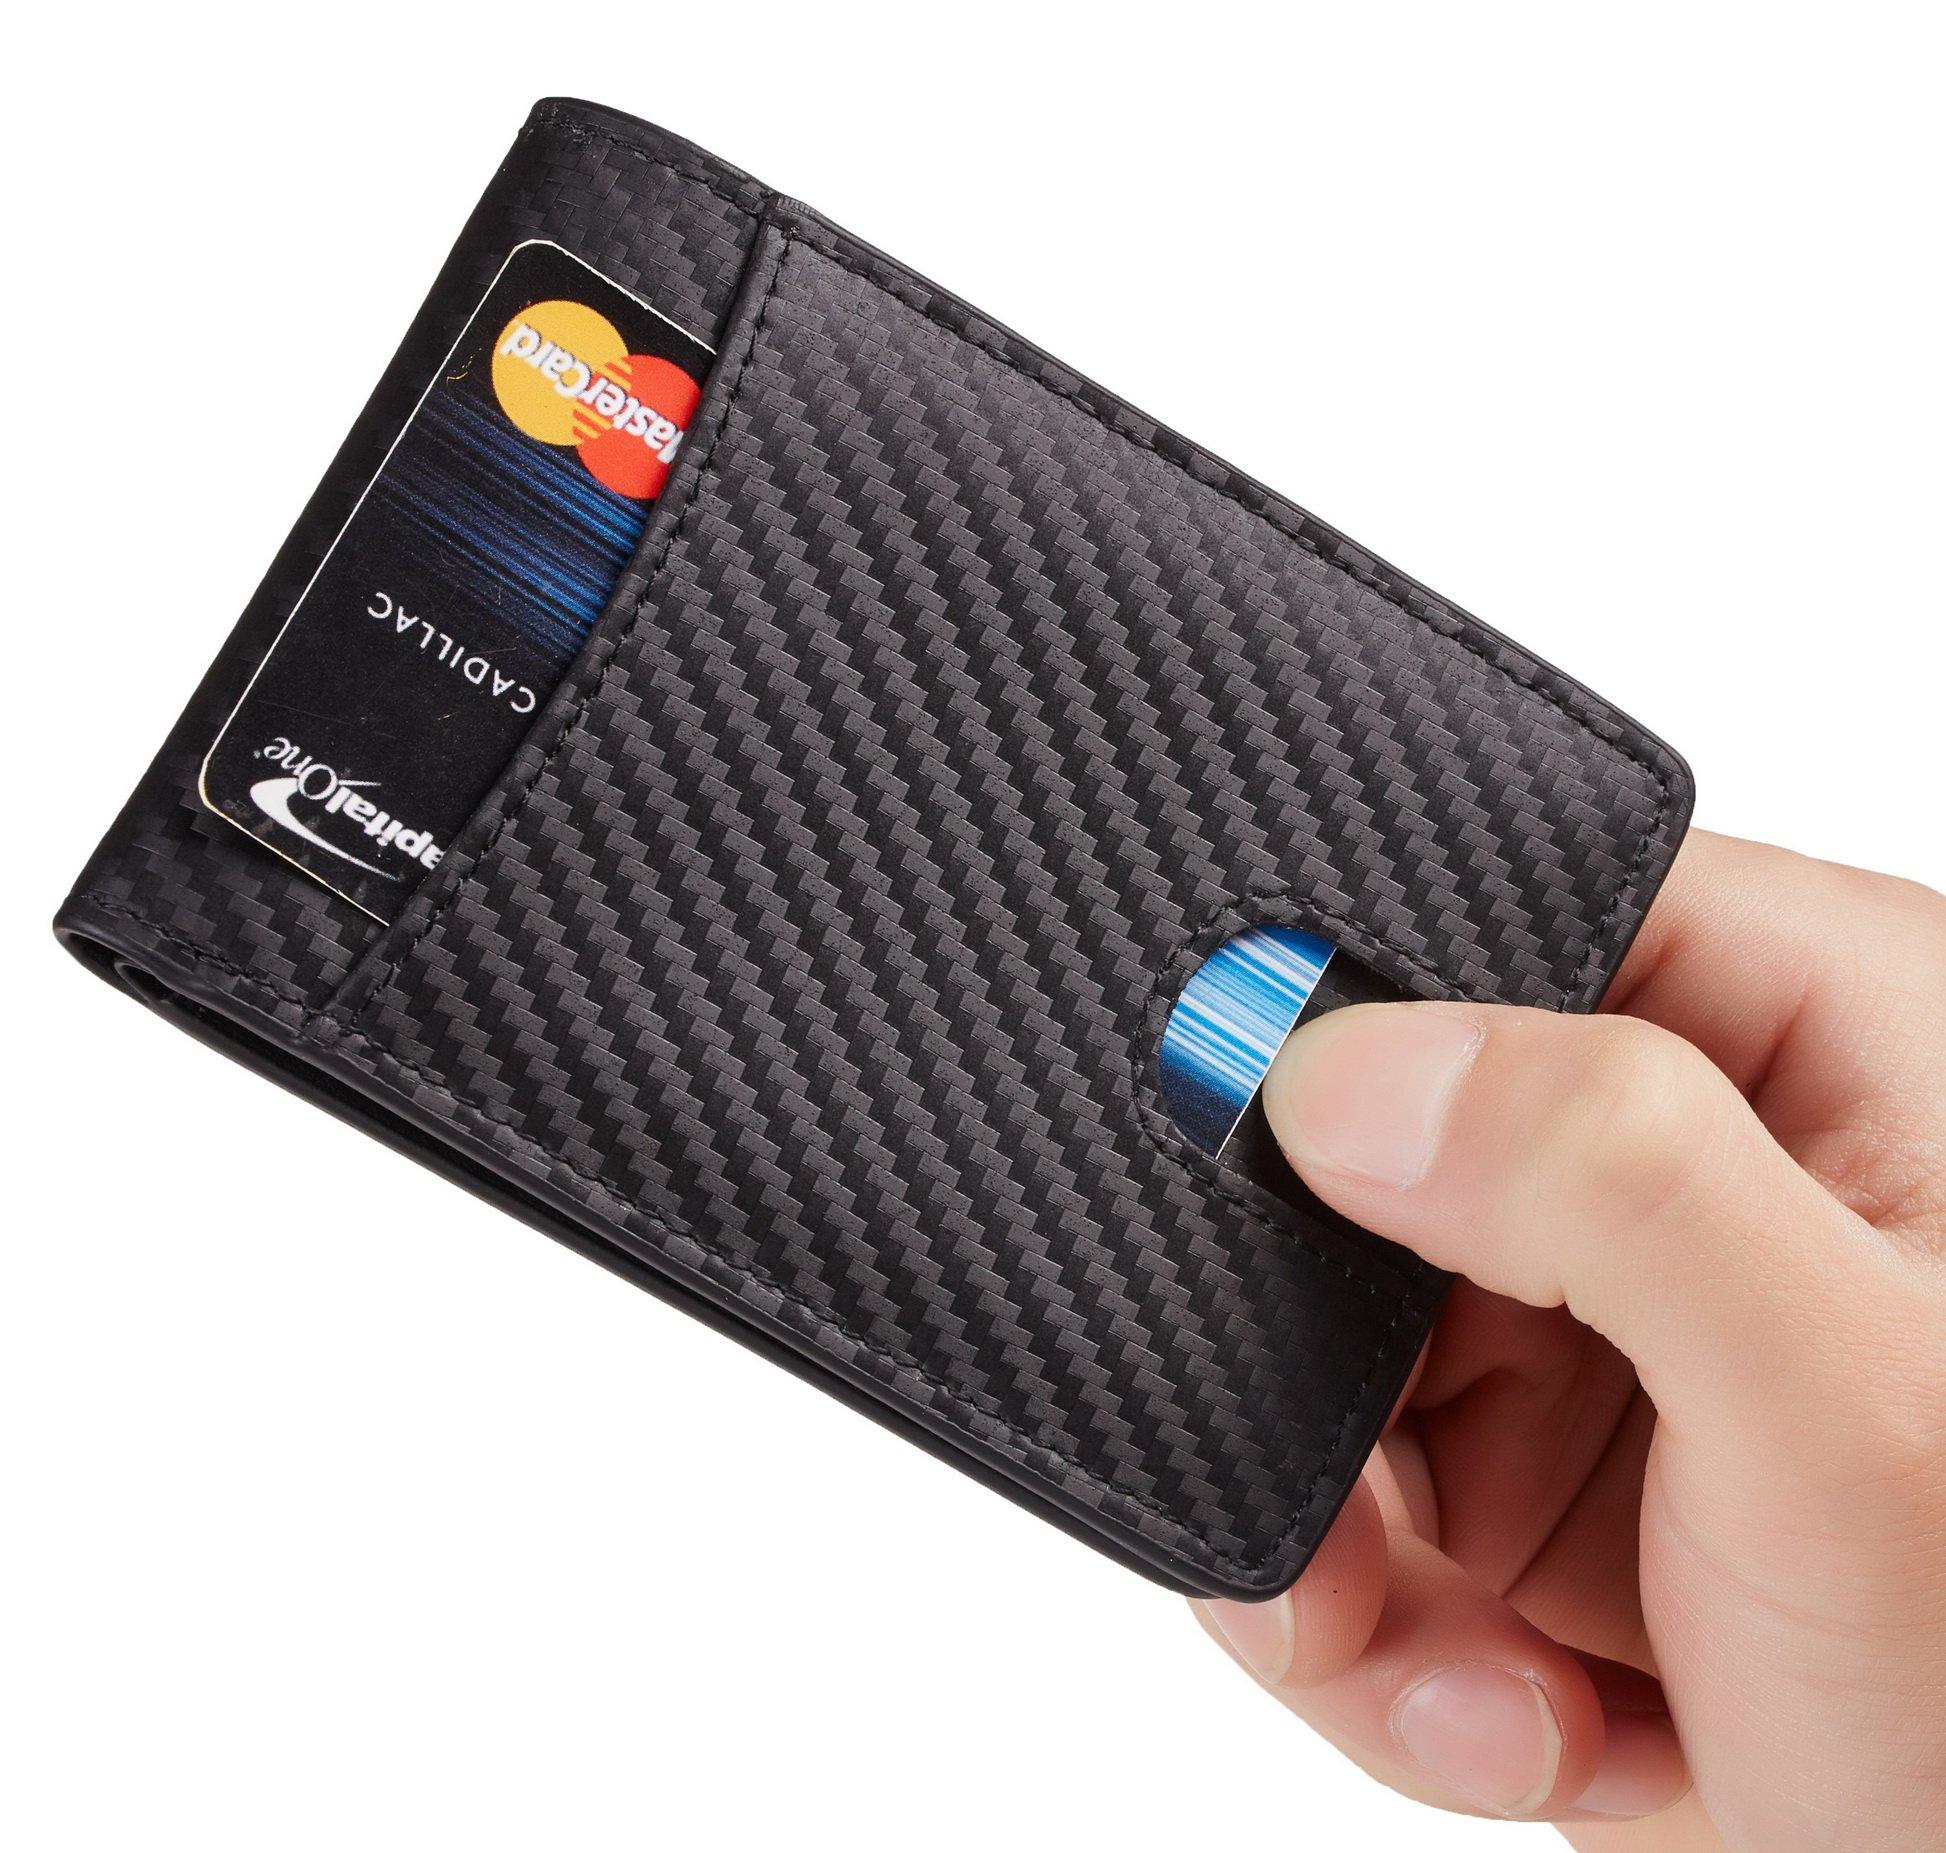 Casmonal Mens Leather Wallet Slim Front Pocket Wallet Billfold RFID Blocking (carbon fiber leather black) by Casmonal (Image #5)